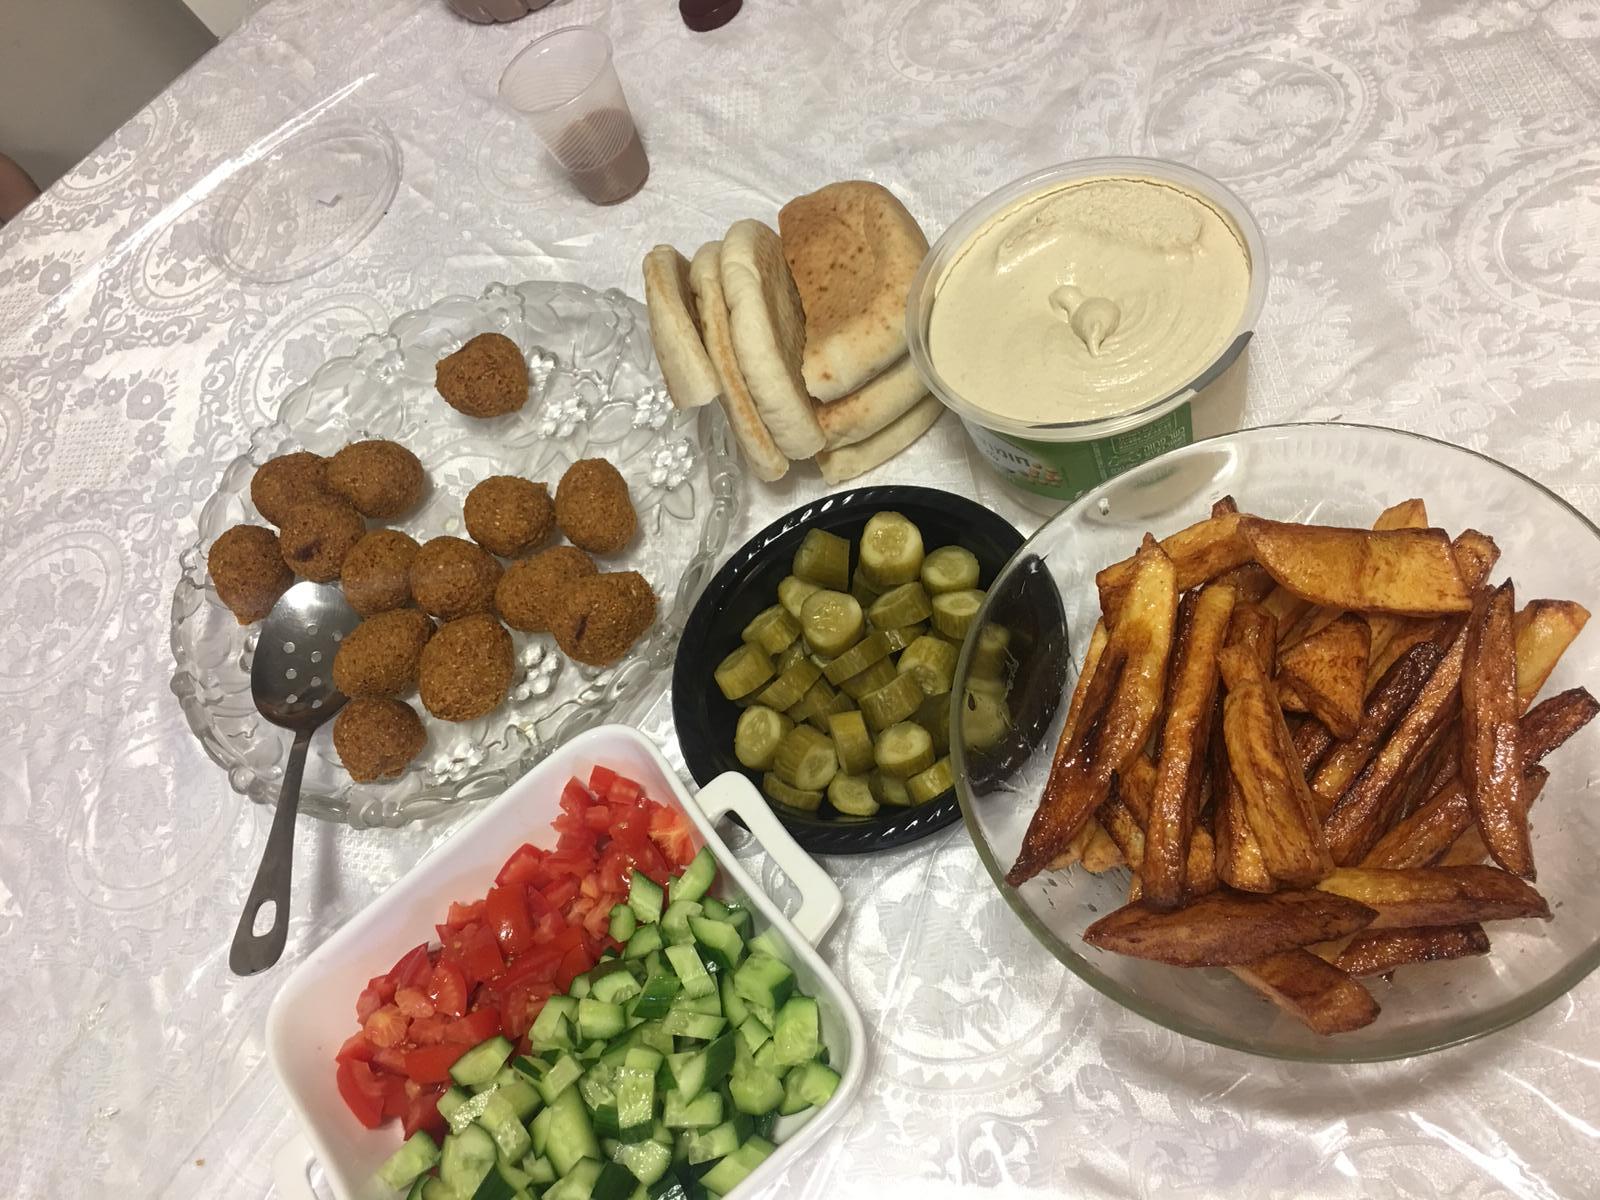 ארוחת ערב בתחילת החופש הגדול, כשעוד היה לי חשק להשקיע